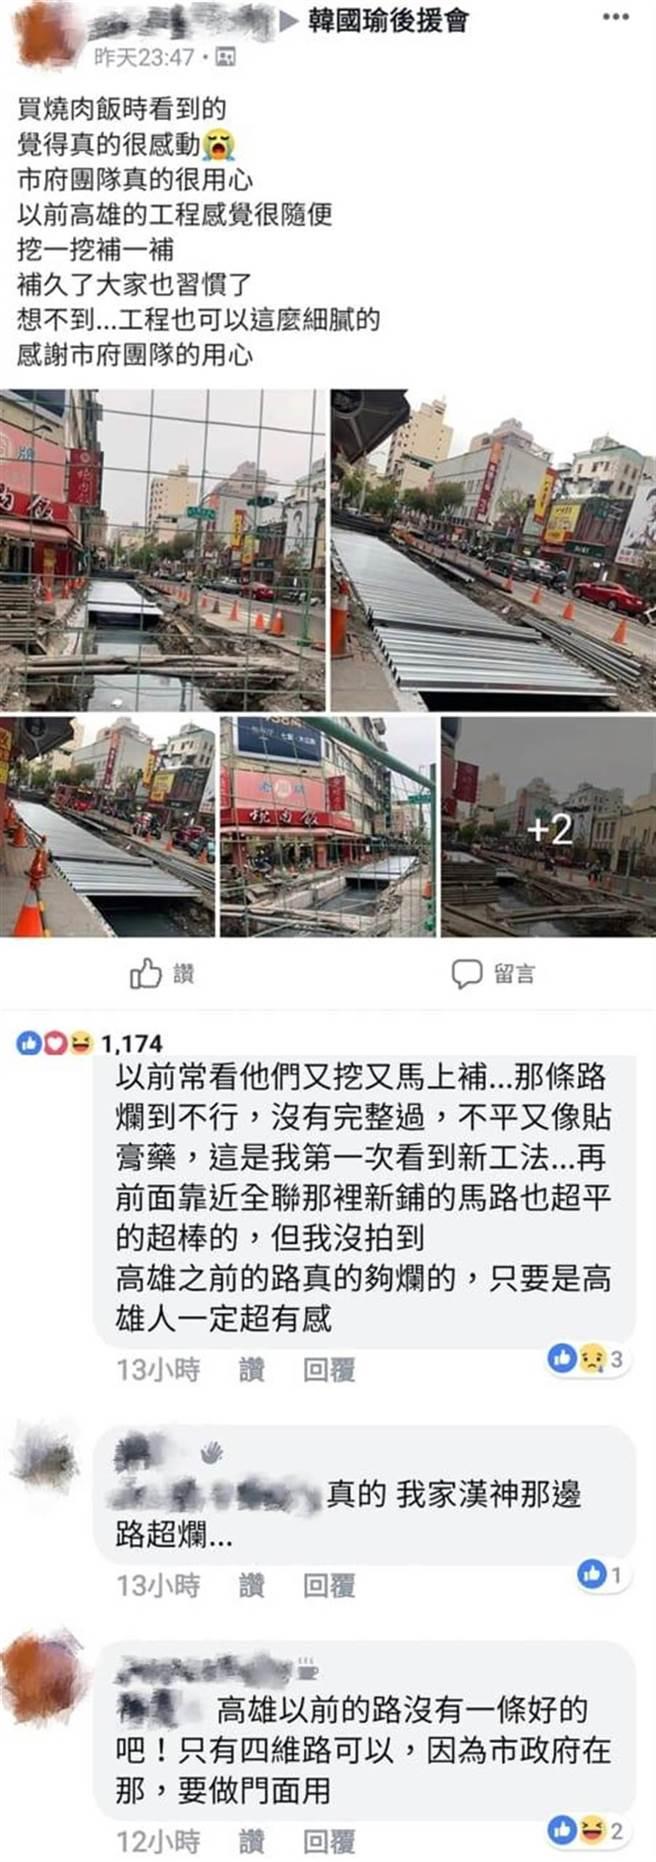 網友臉書發文、留言。(圖/翻攝自臉書「韓國瑜後援會」)